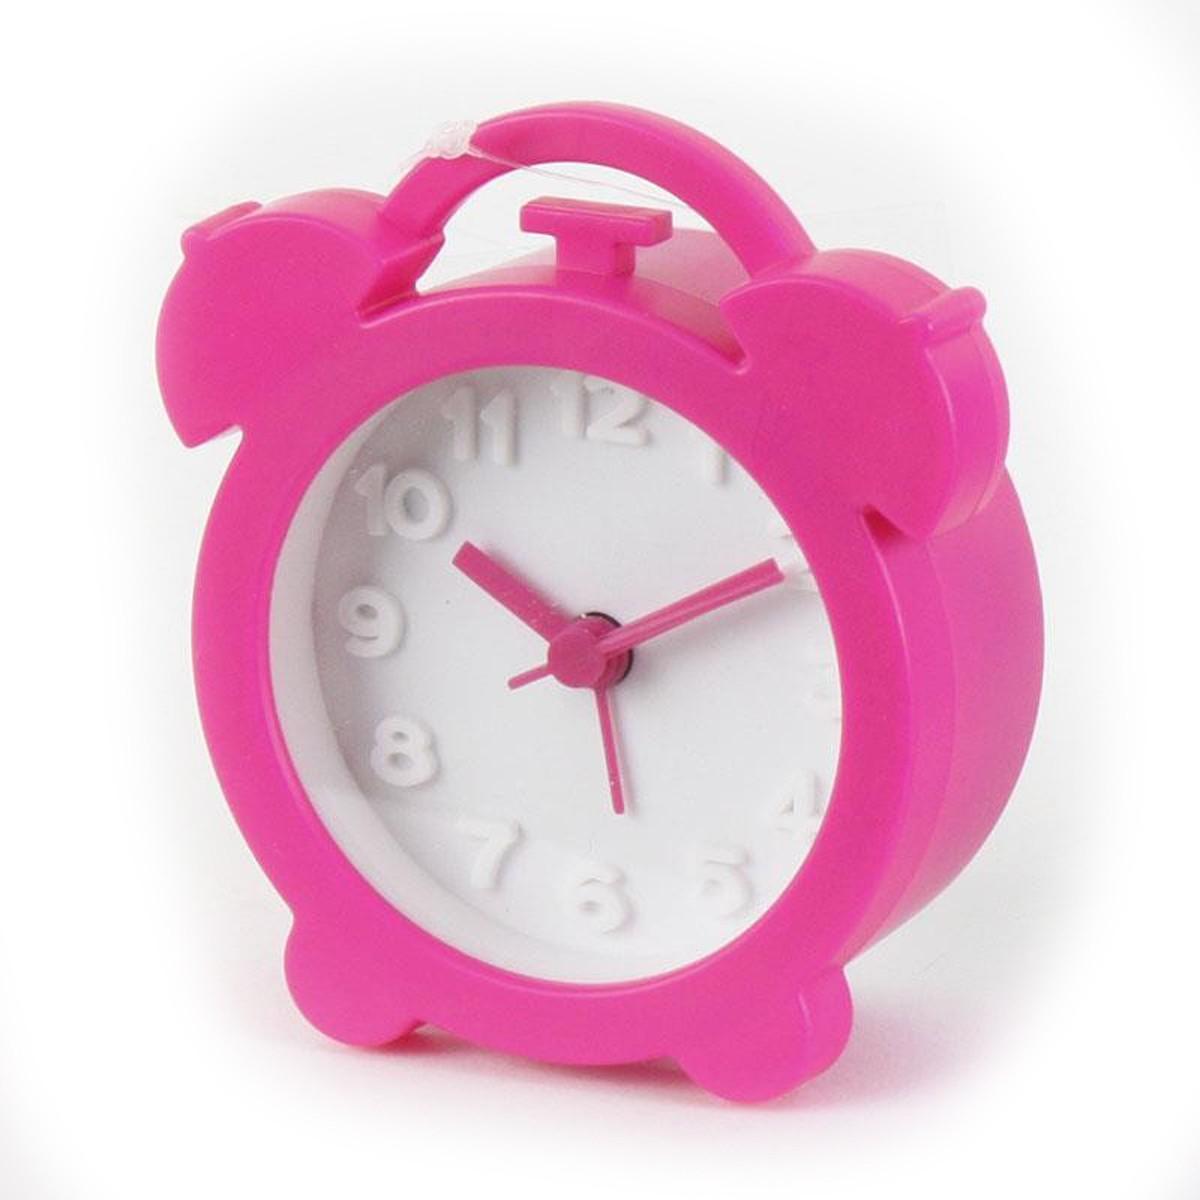 Επιτραπέζιο Ρολόι - Ξυπνητήρι InArt 3-20-778-0084